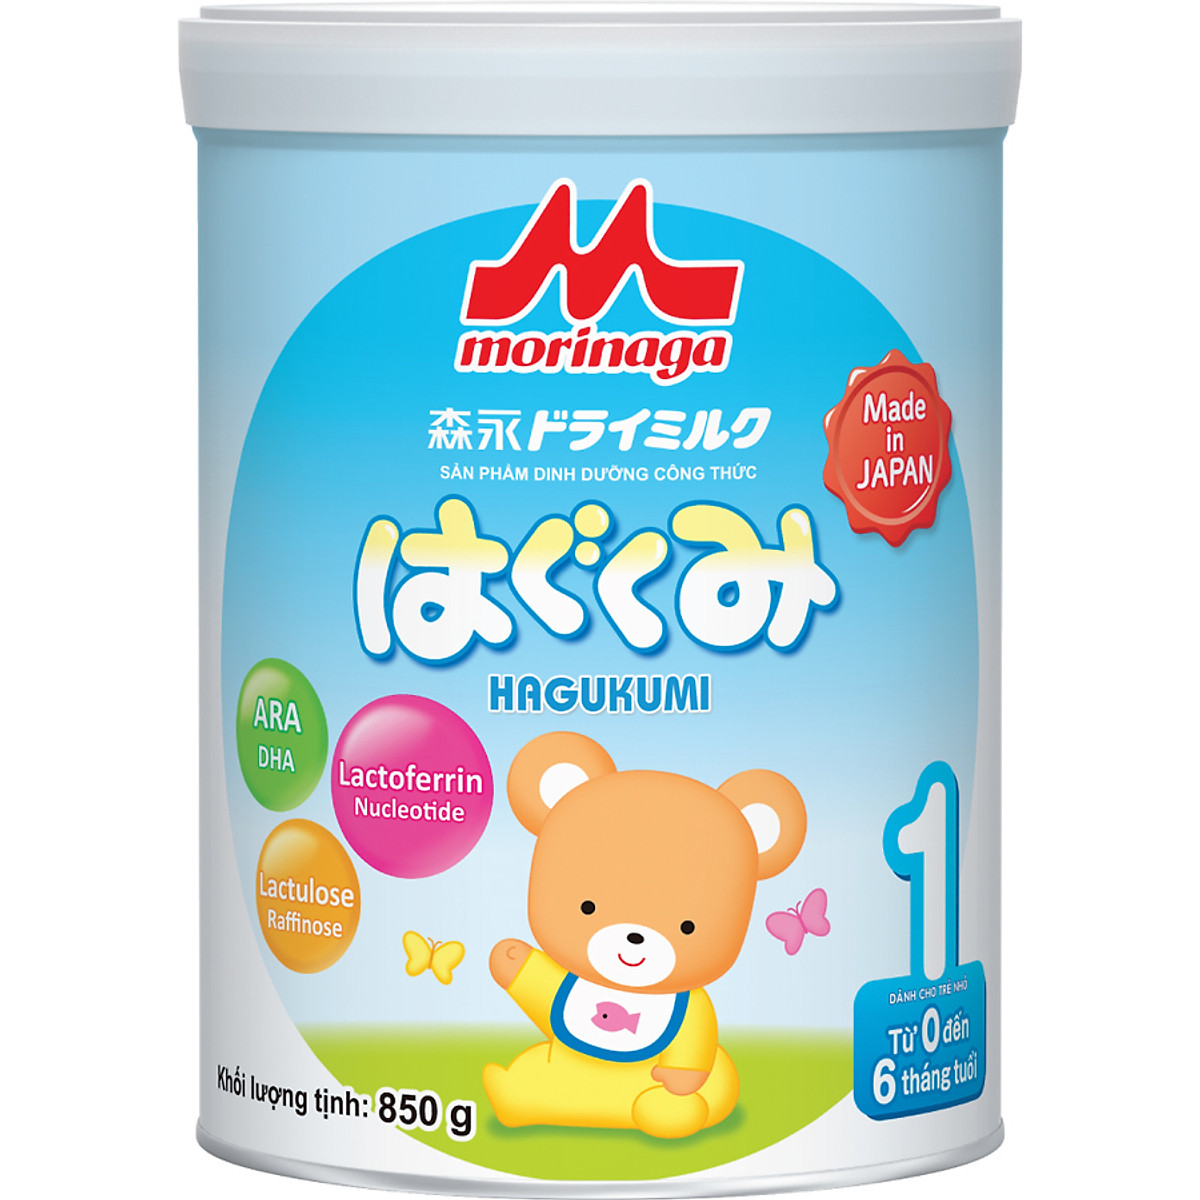 Combo Sữa Morinaga Số 1 Hagukumi (850g) và thú bông hươu cao cổ